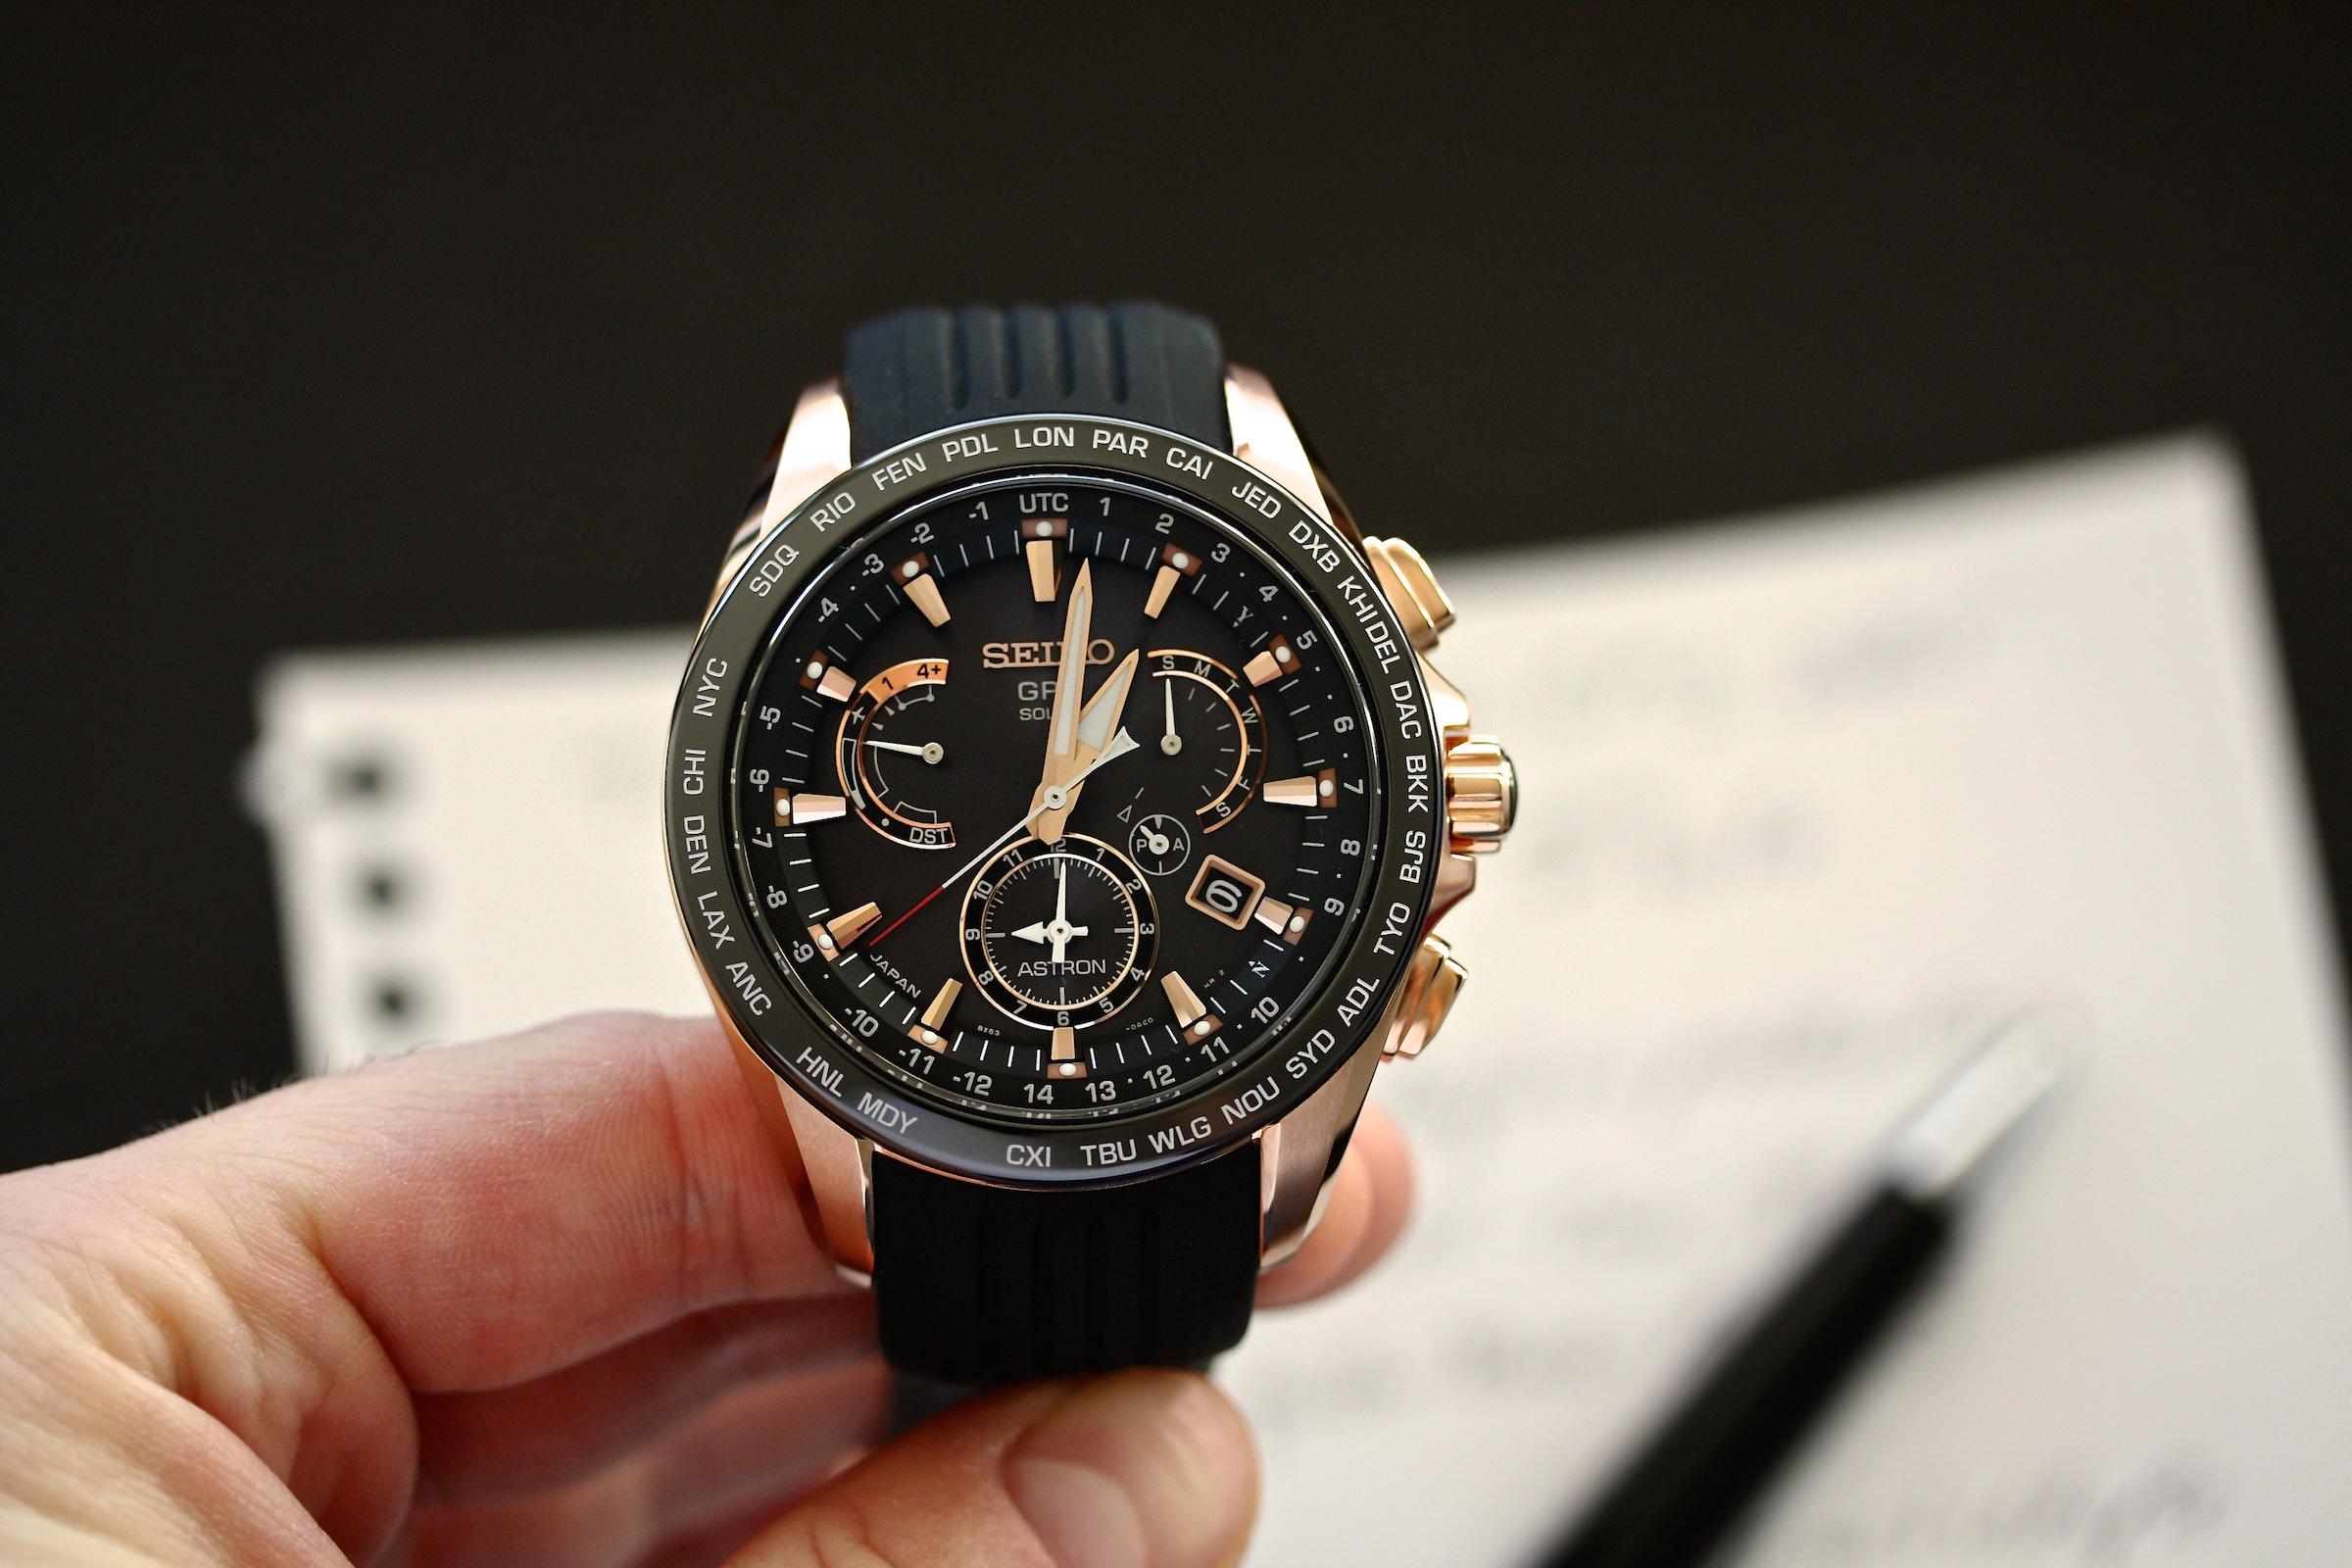 Armbanduhr am arm  Tragebuch: Seiko Astron GPS Solar - Watchlounge